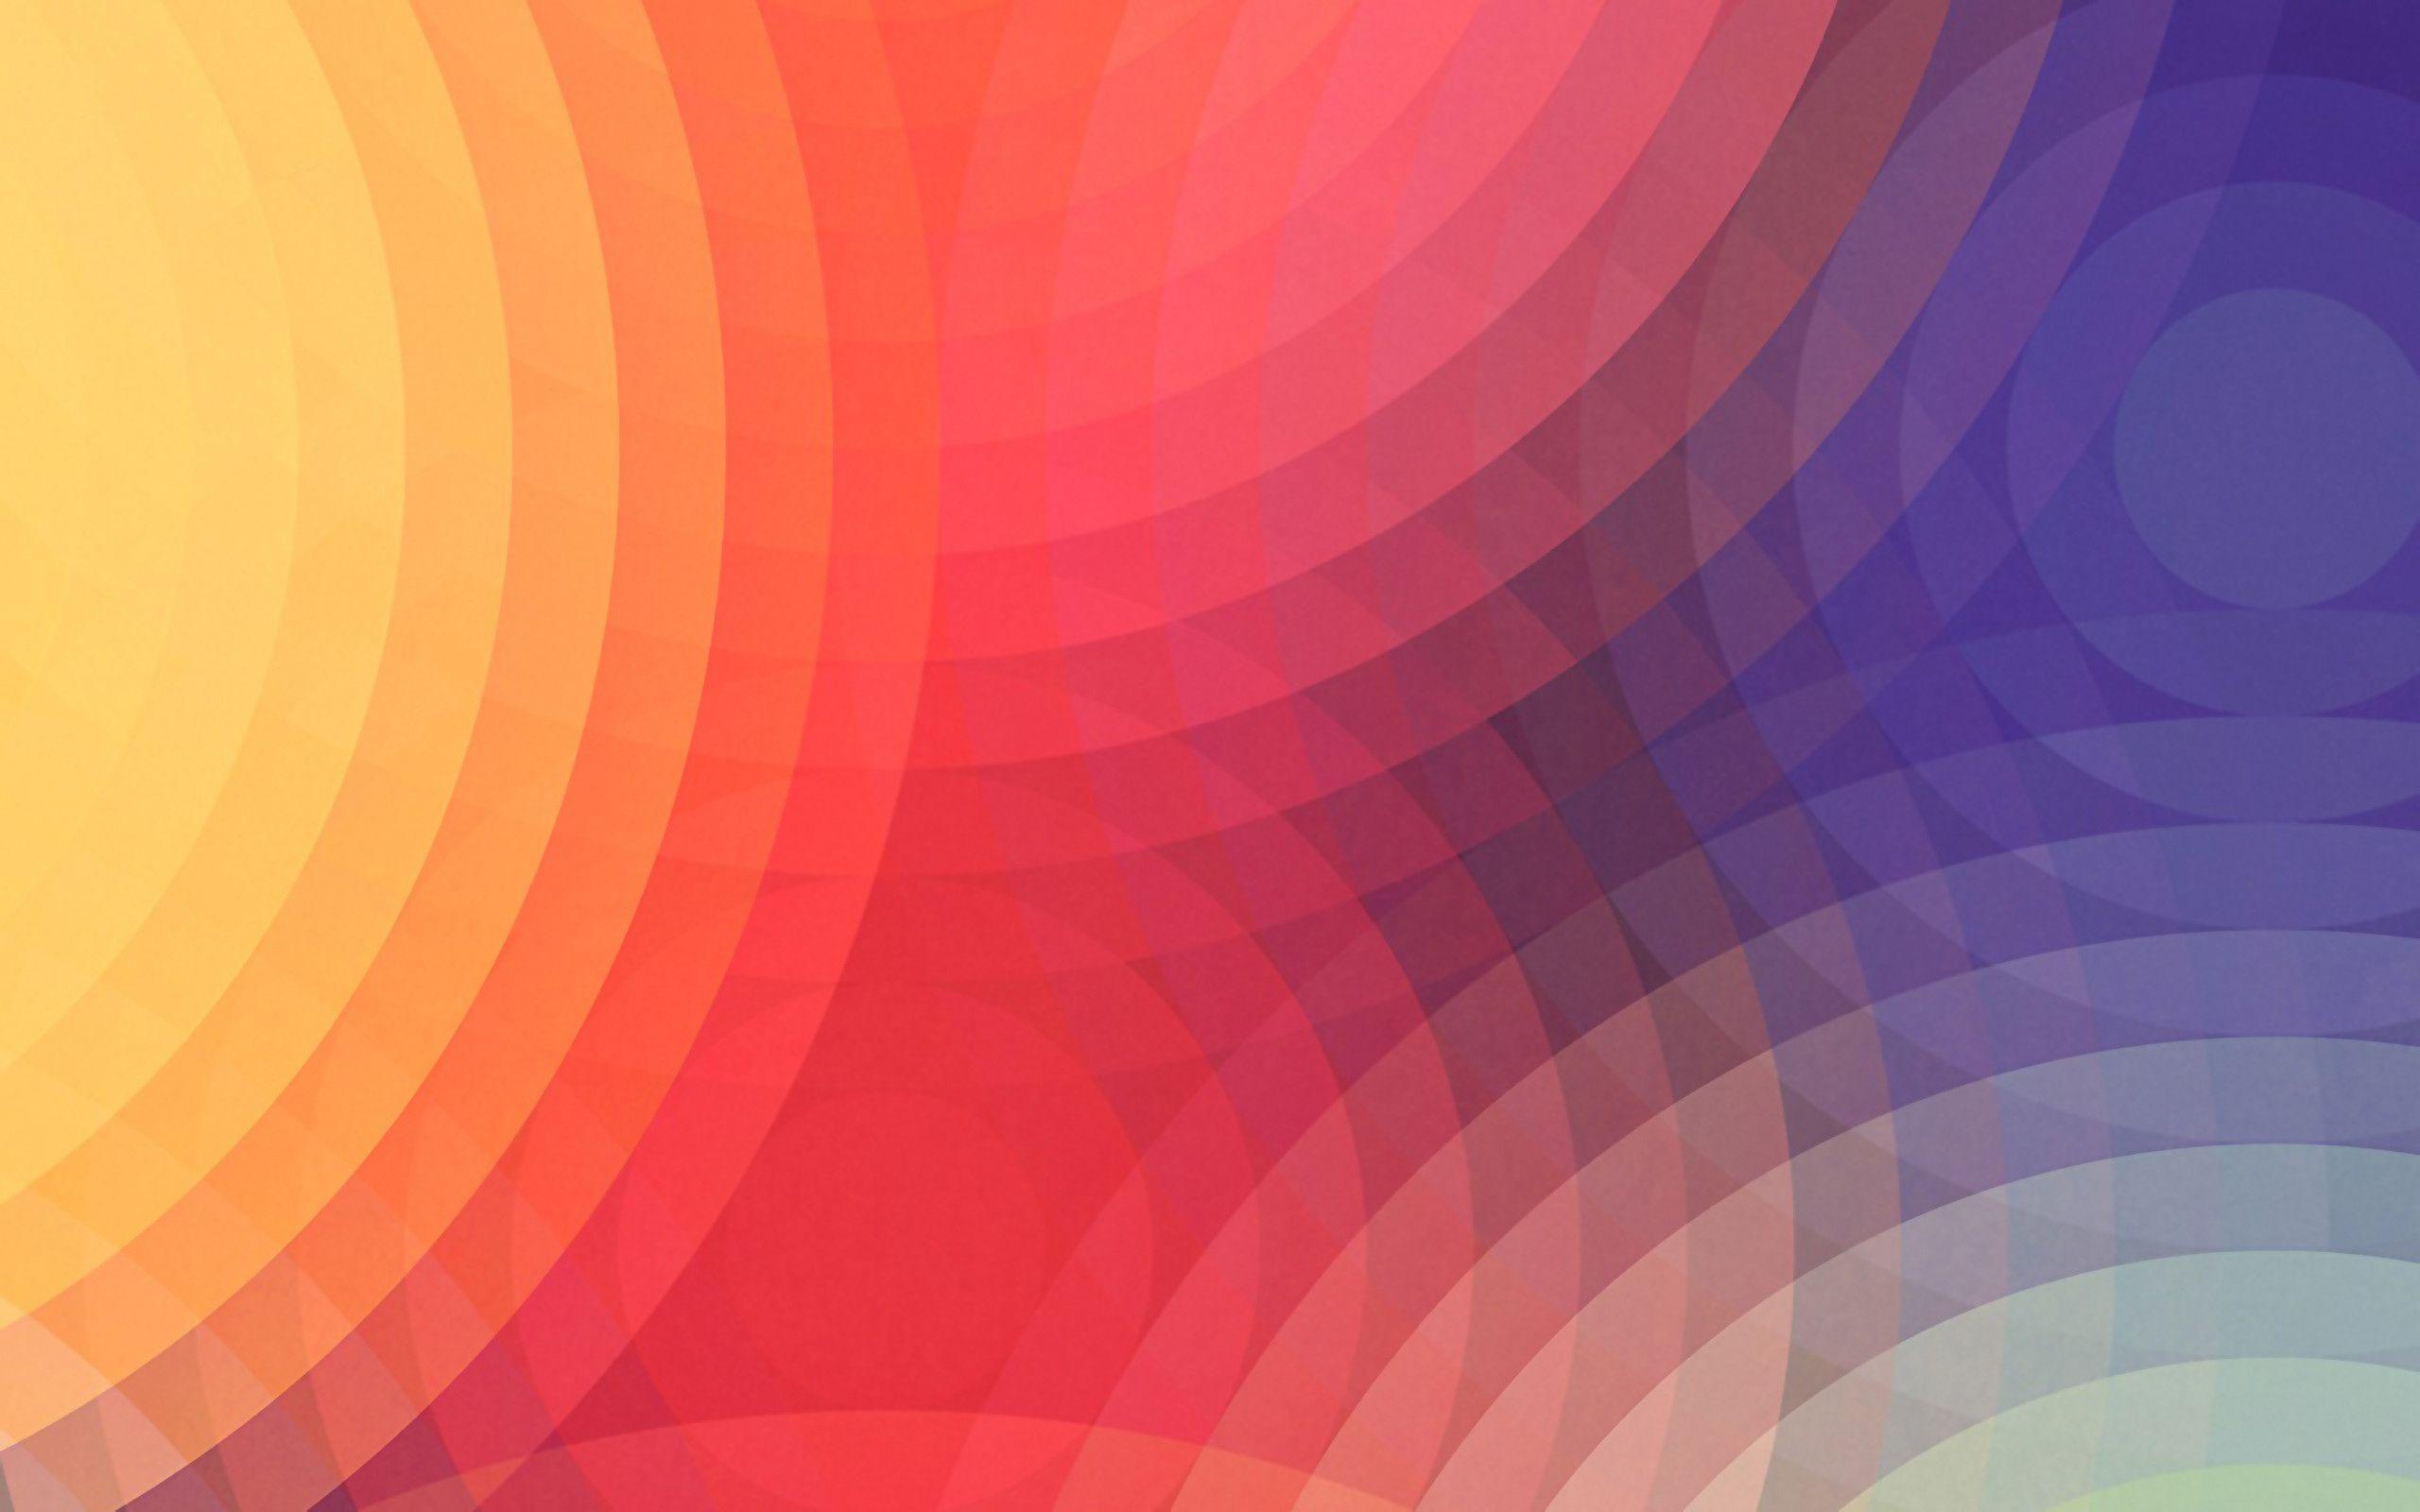 Geometric wallpaper | 2560x1600 | #44409